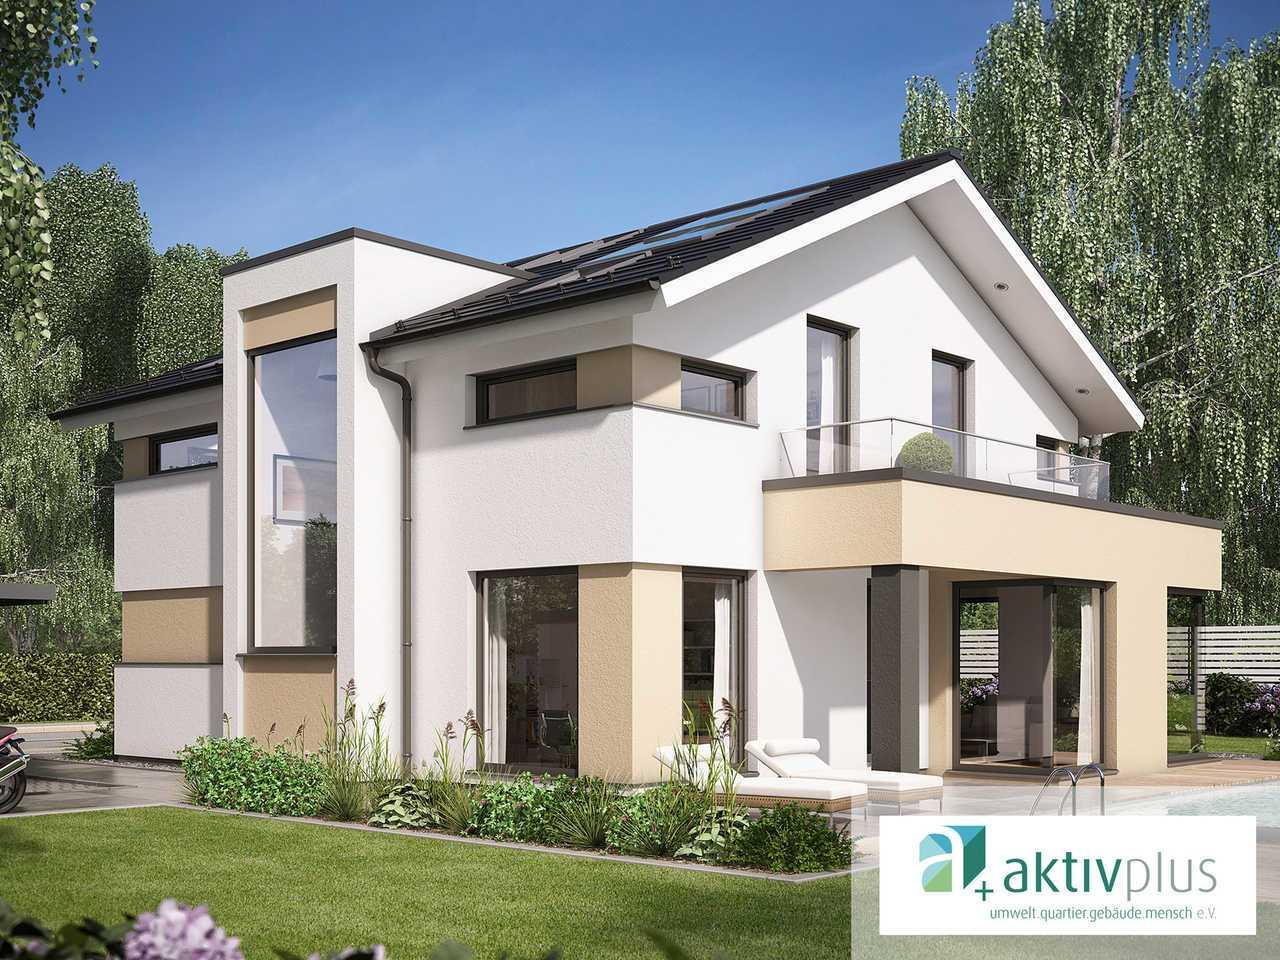 Evolution Stuttgart Außenansicht 3 - Einfamilienhaus